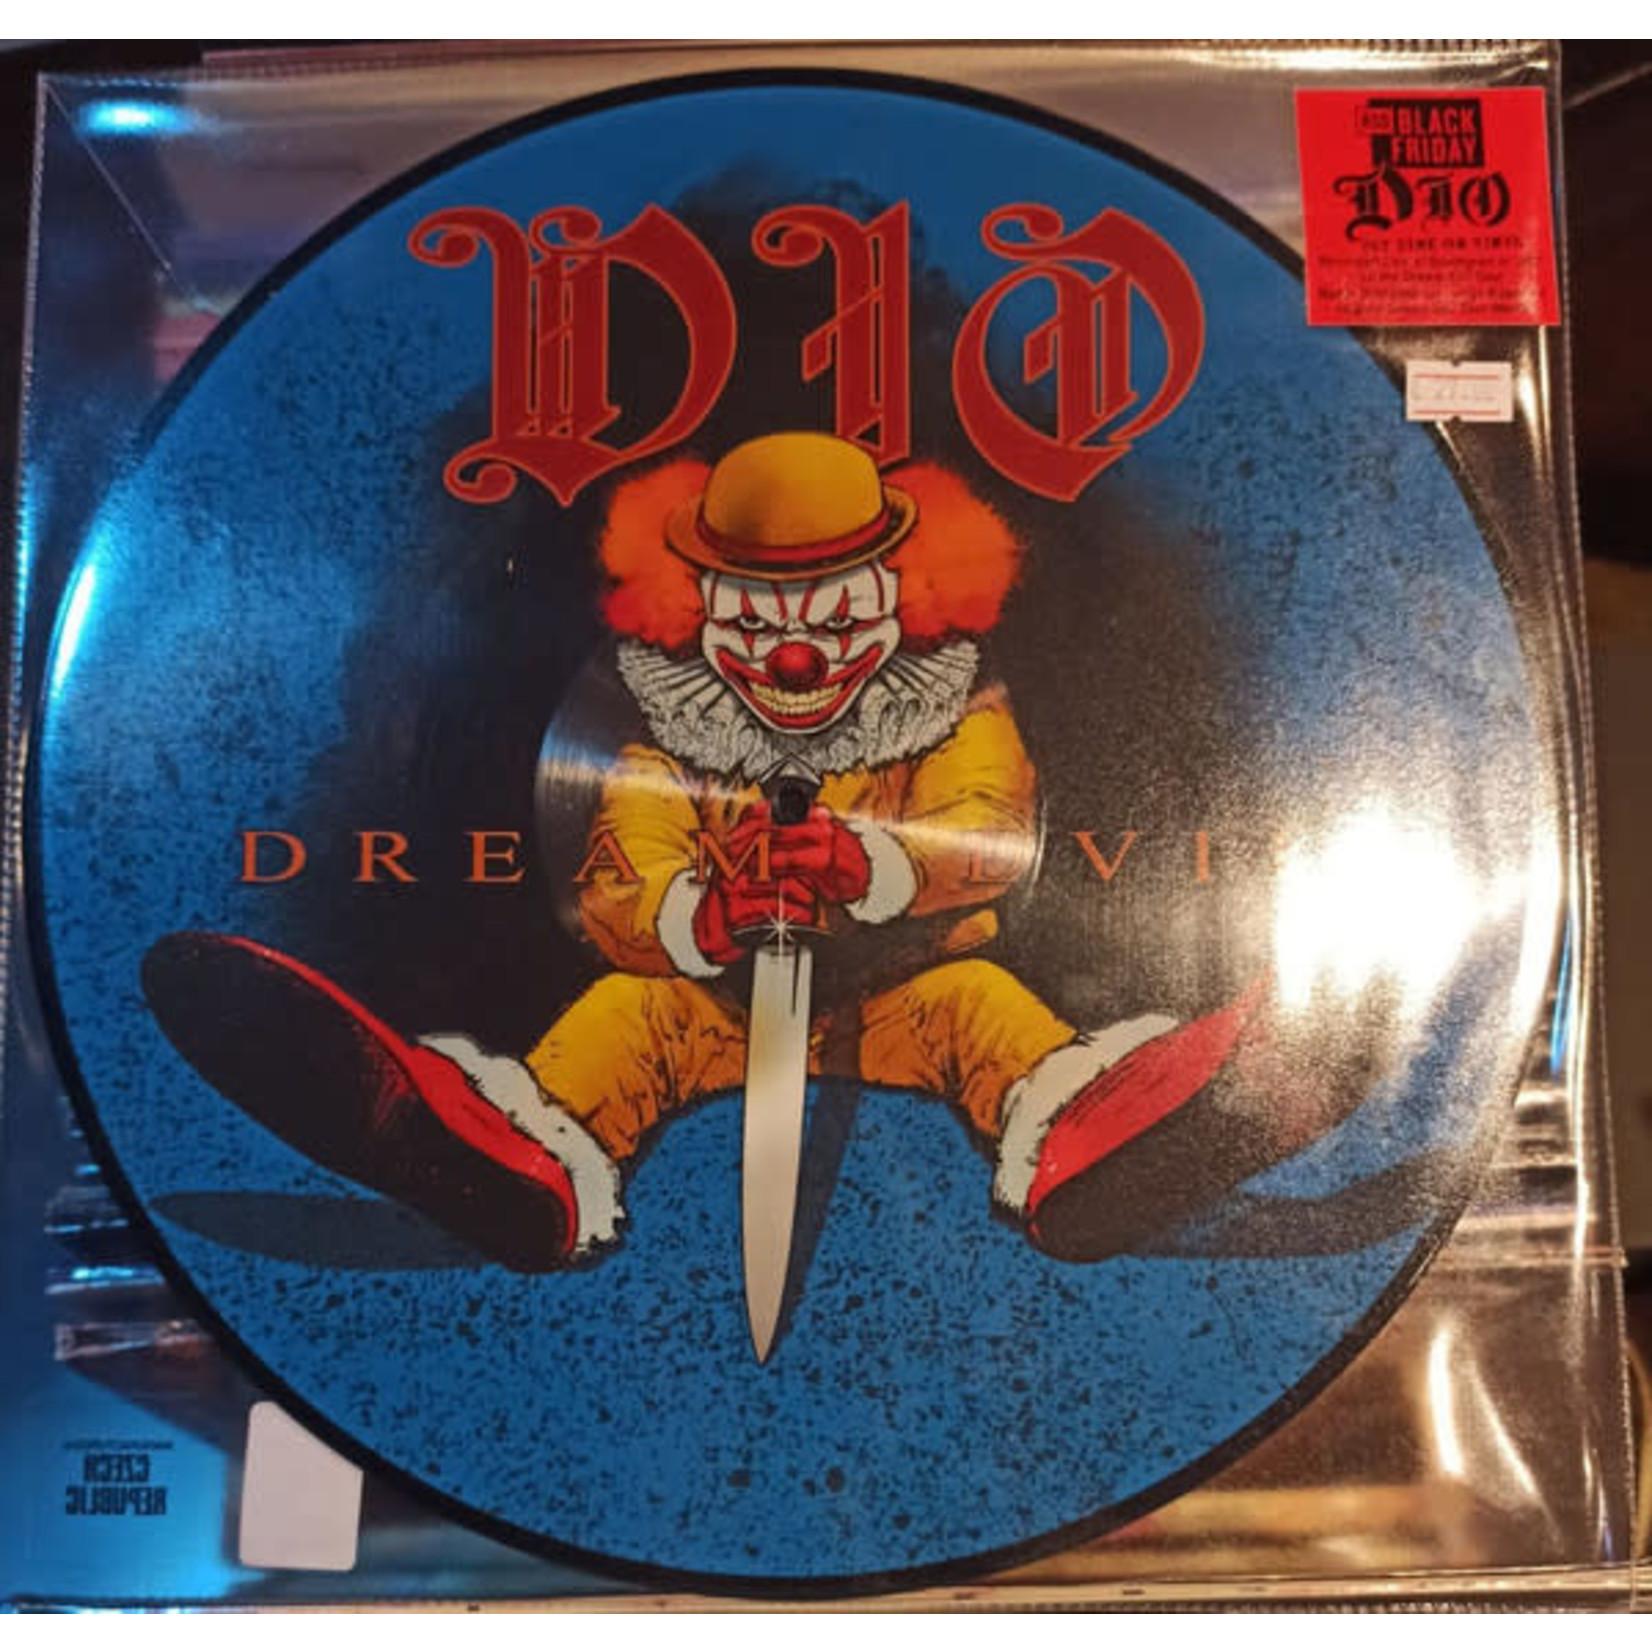 DIO BF 2020 - DREAM EVIL LIVE '87 (LP) PICTURE DISC